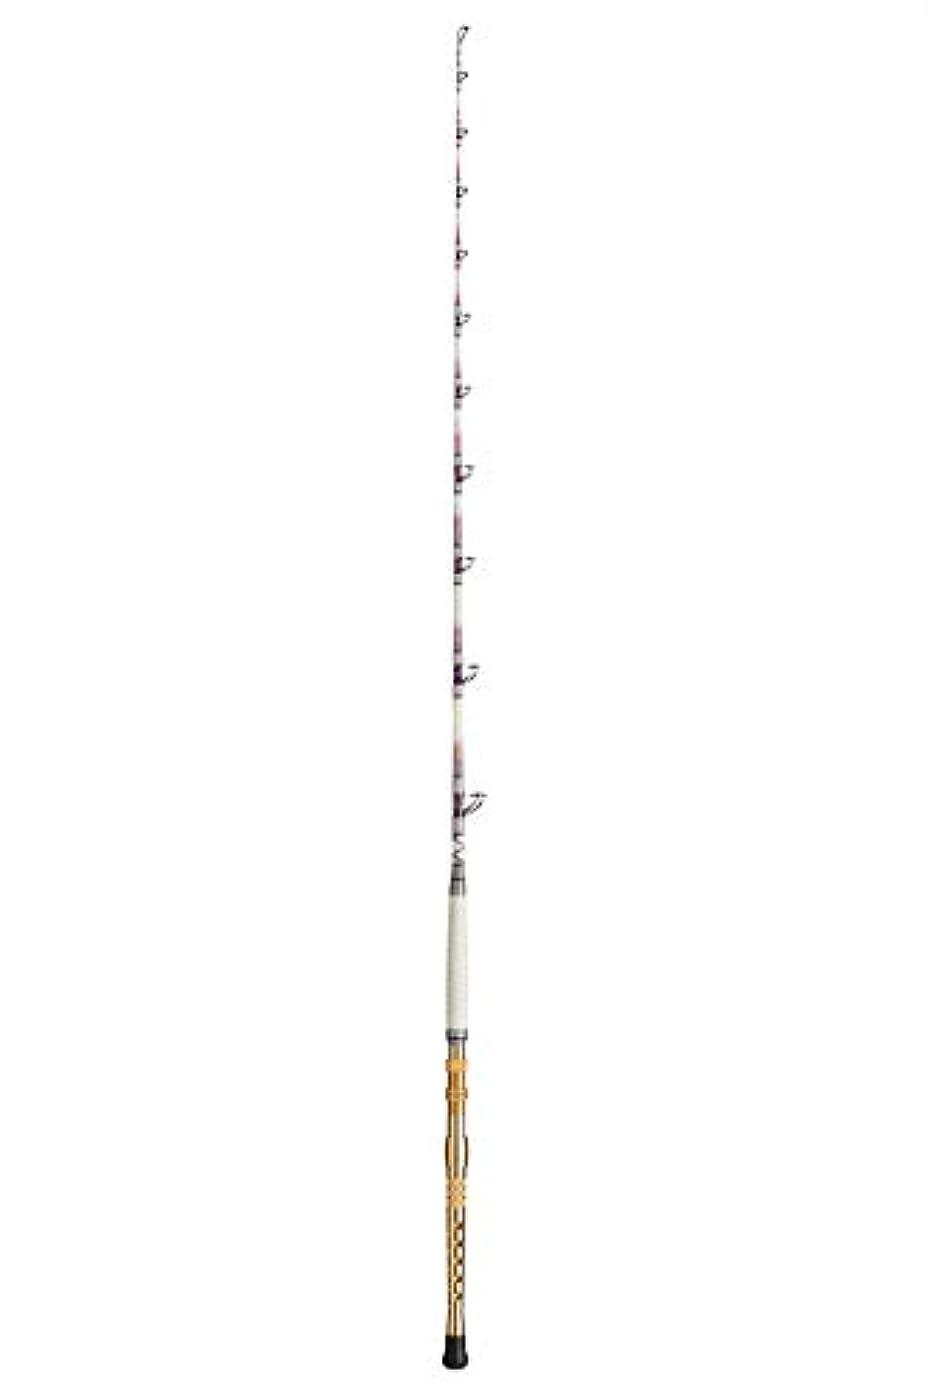 権威苦なぜなら総糸巻 バトルシップス 185-200~400号 スタンディング カンパチ マグロ モロコ クエ キハダ 大物 シャイニーパープル